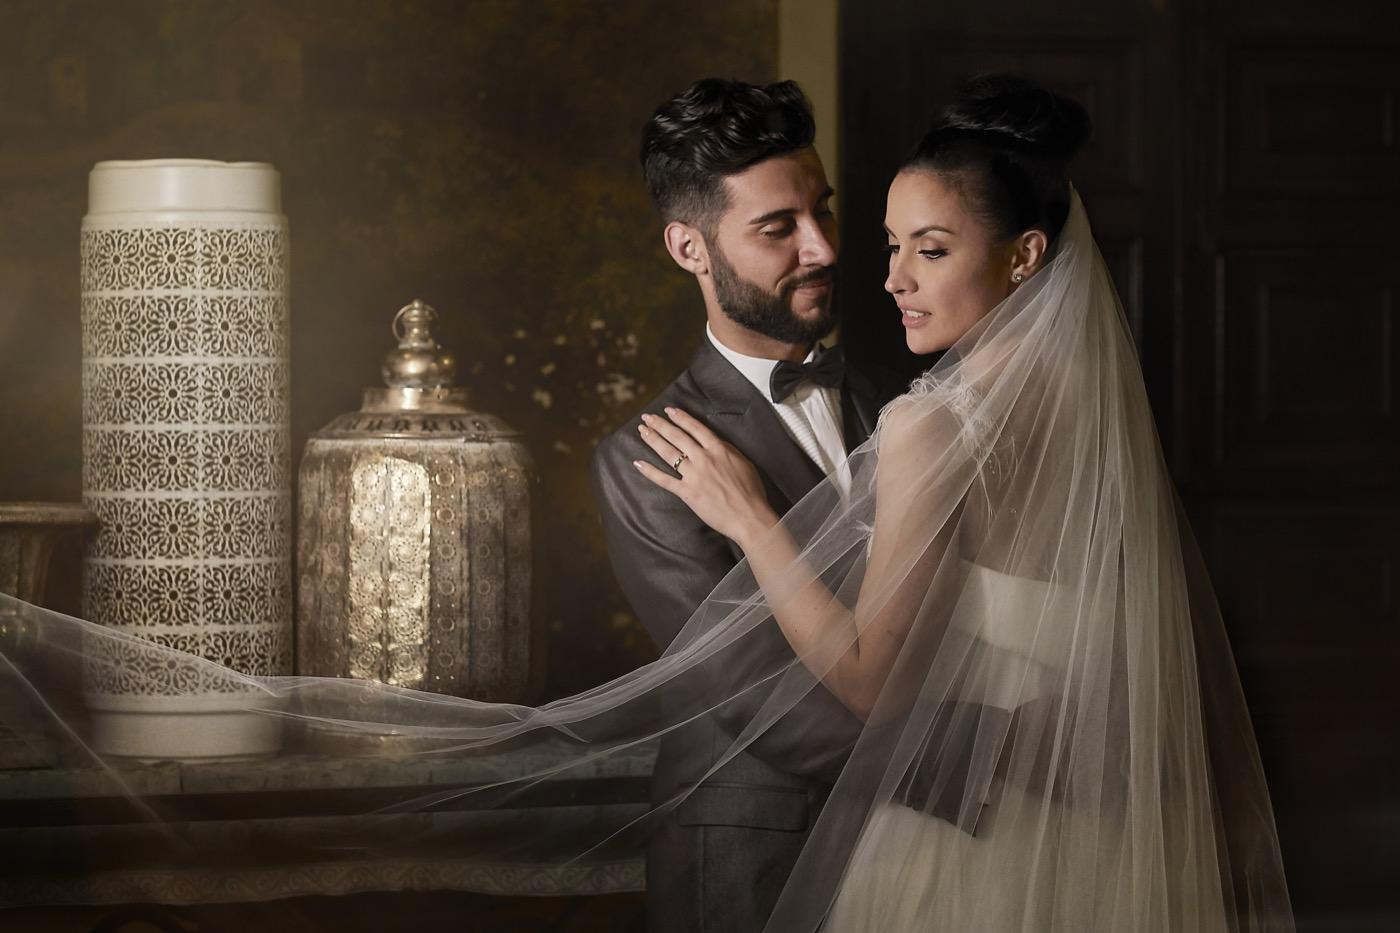 Claudio-Coppola-wedding-photographer-villa-del-cardinale-rocca-di-papa-castel-gandolfo-91